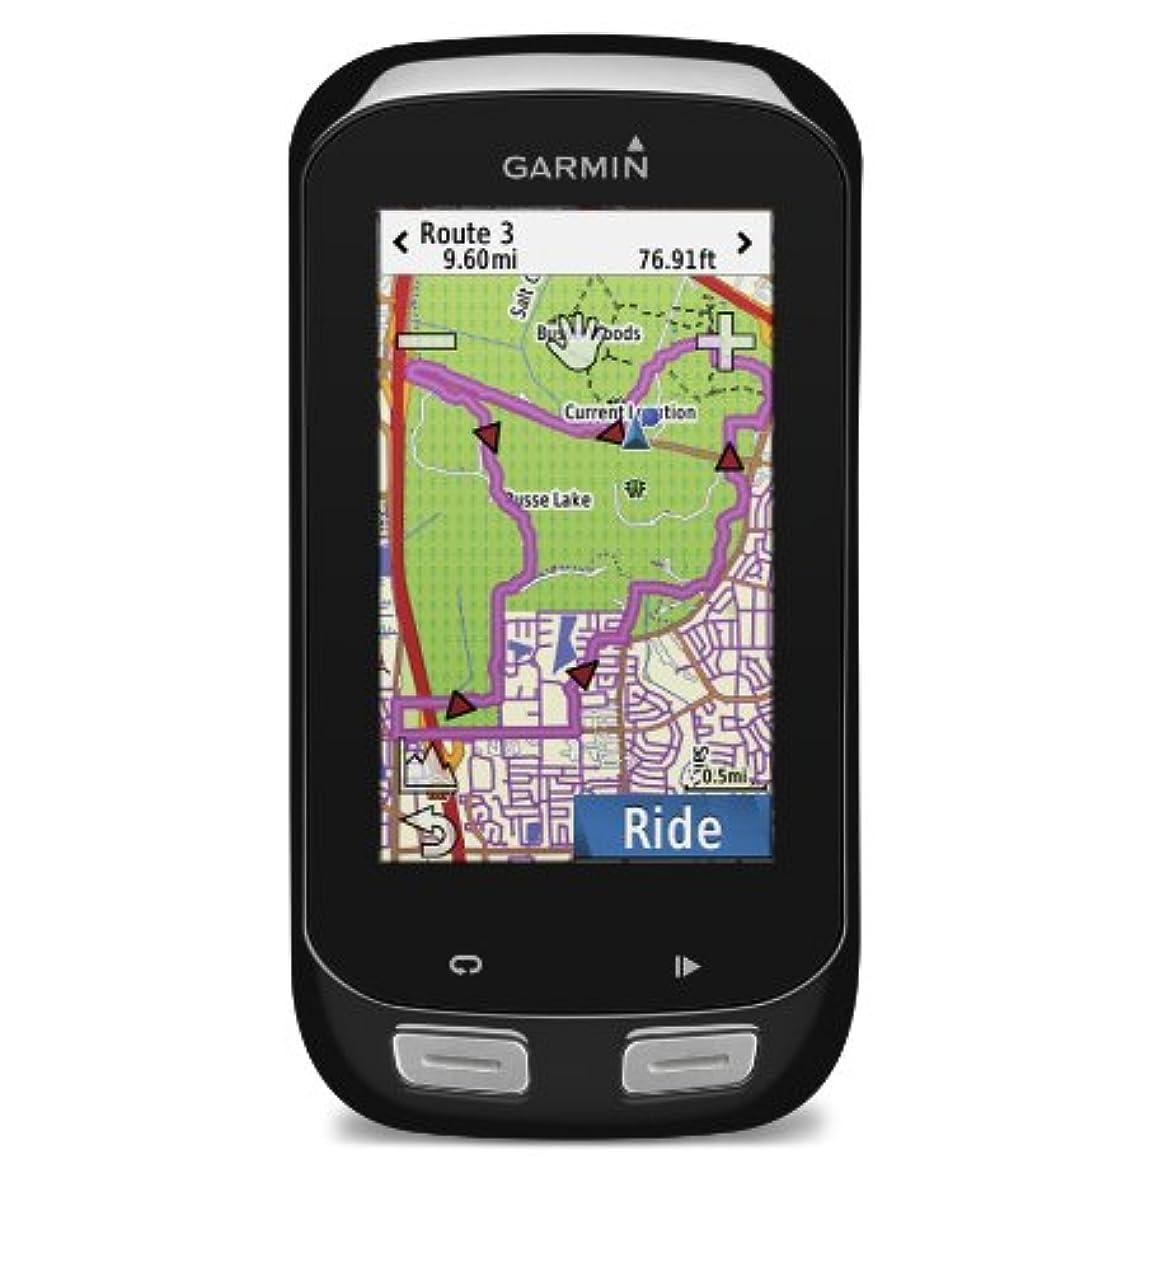 あなたはに向けて出発引き算GARMIN(ガーミン) Edge (エッジ) 1000 GPS 自転車用 コンピュータ Performer Bundle付き [並行輸入品]